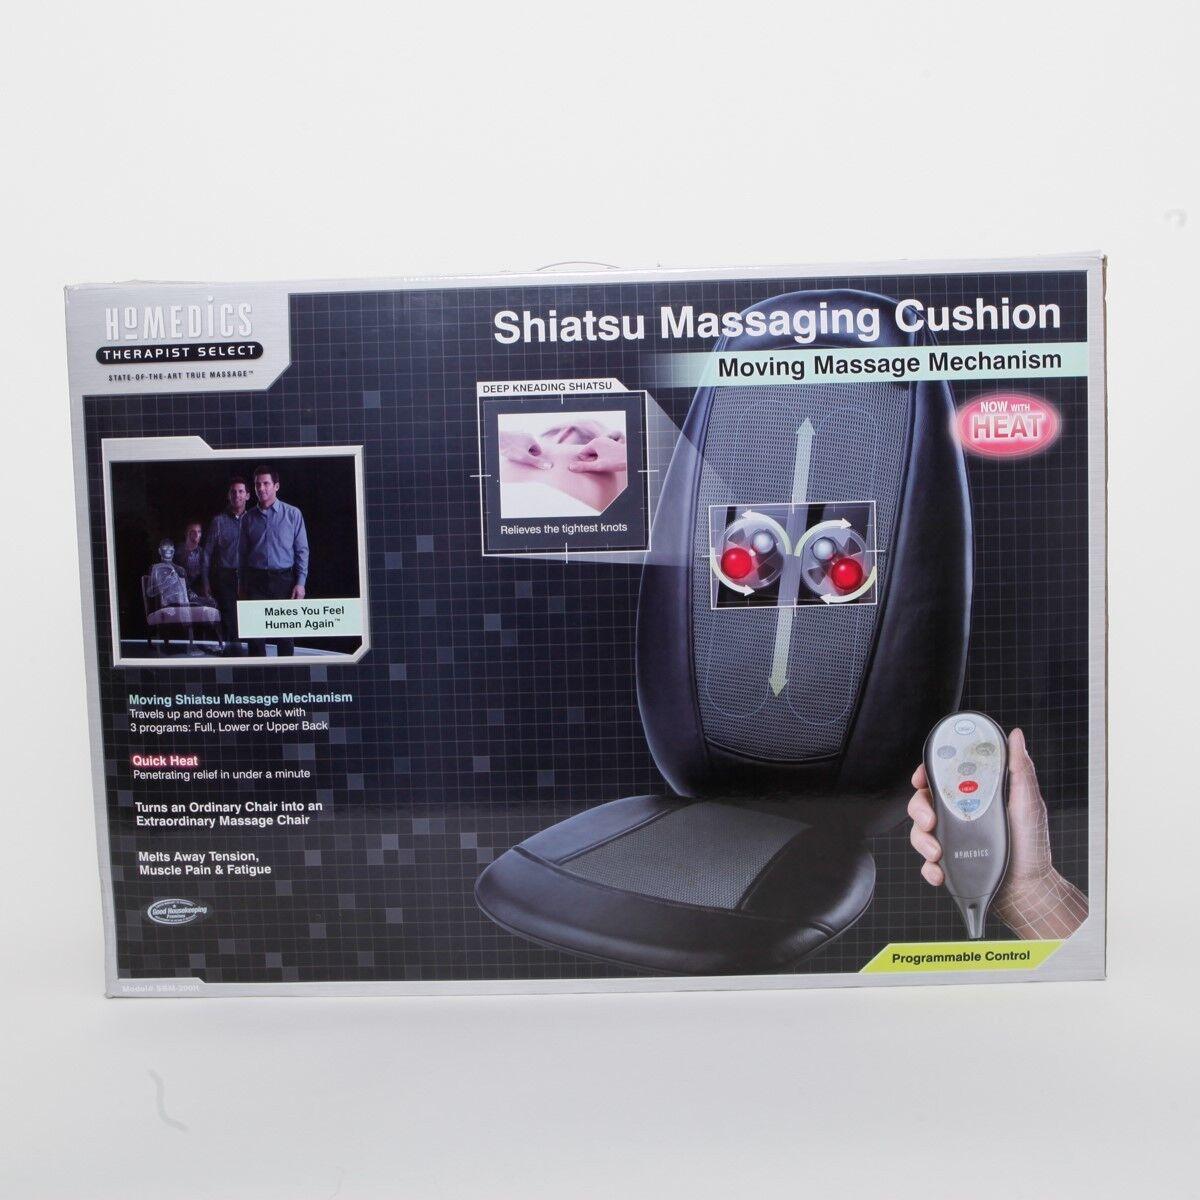 Homedics Therapist Select Shiatsu Massaging Cushion w/ Heat